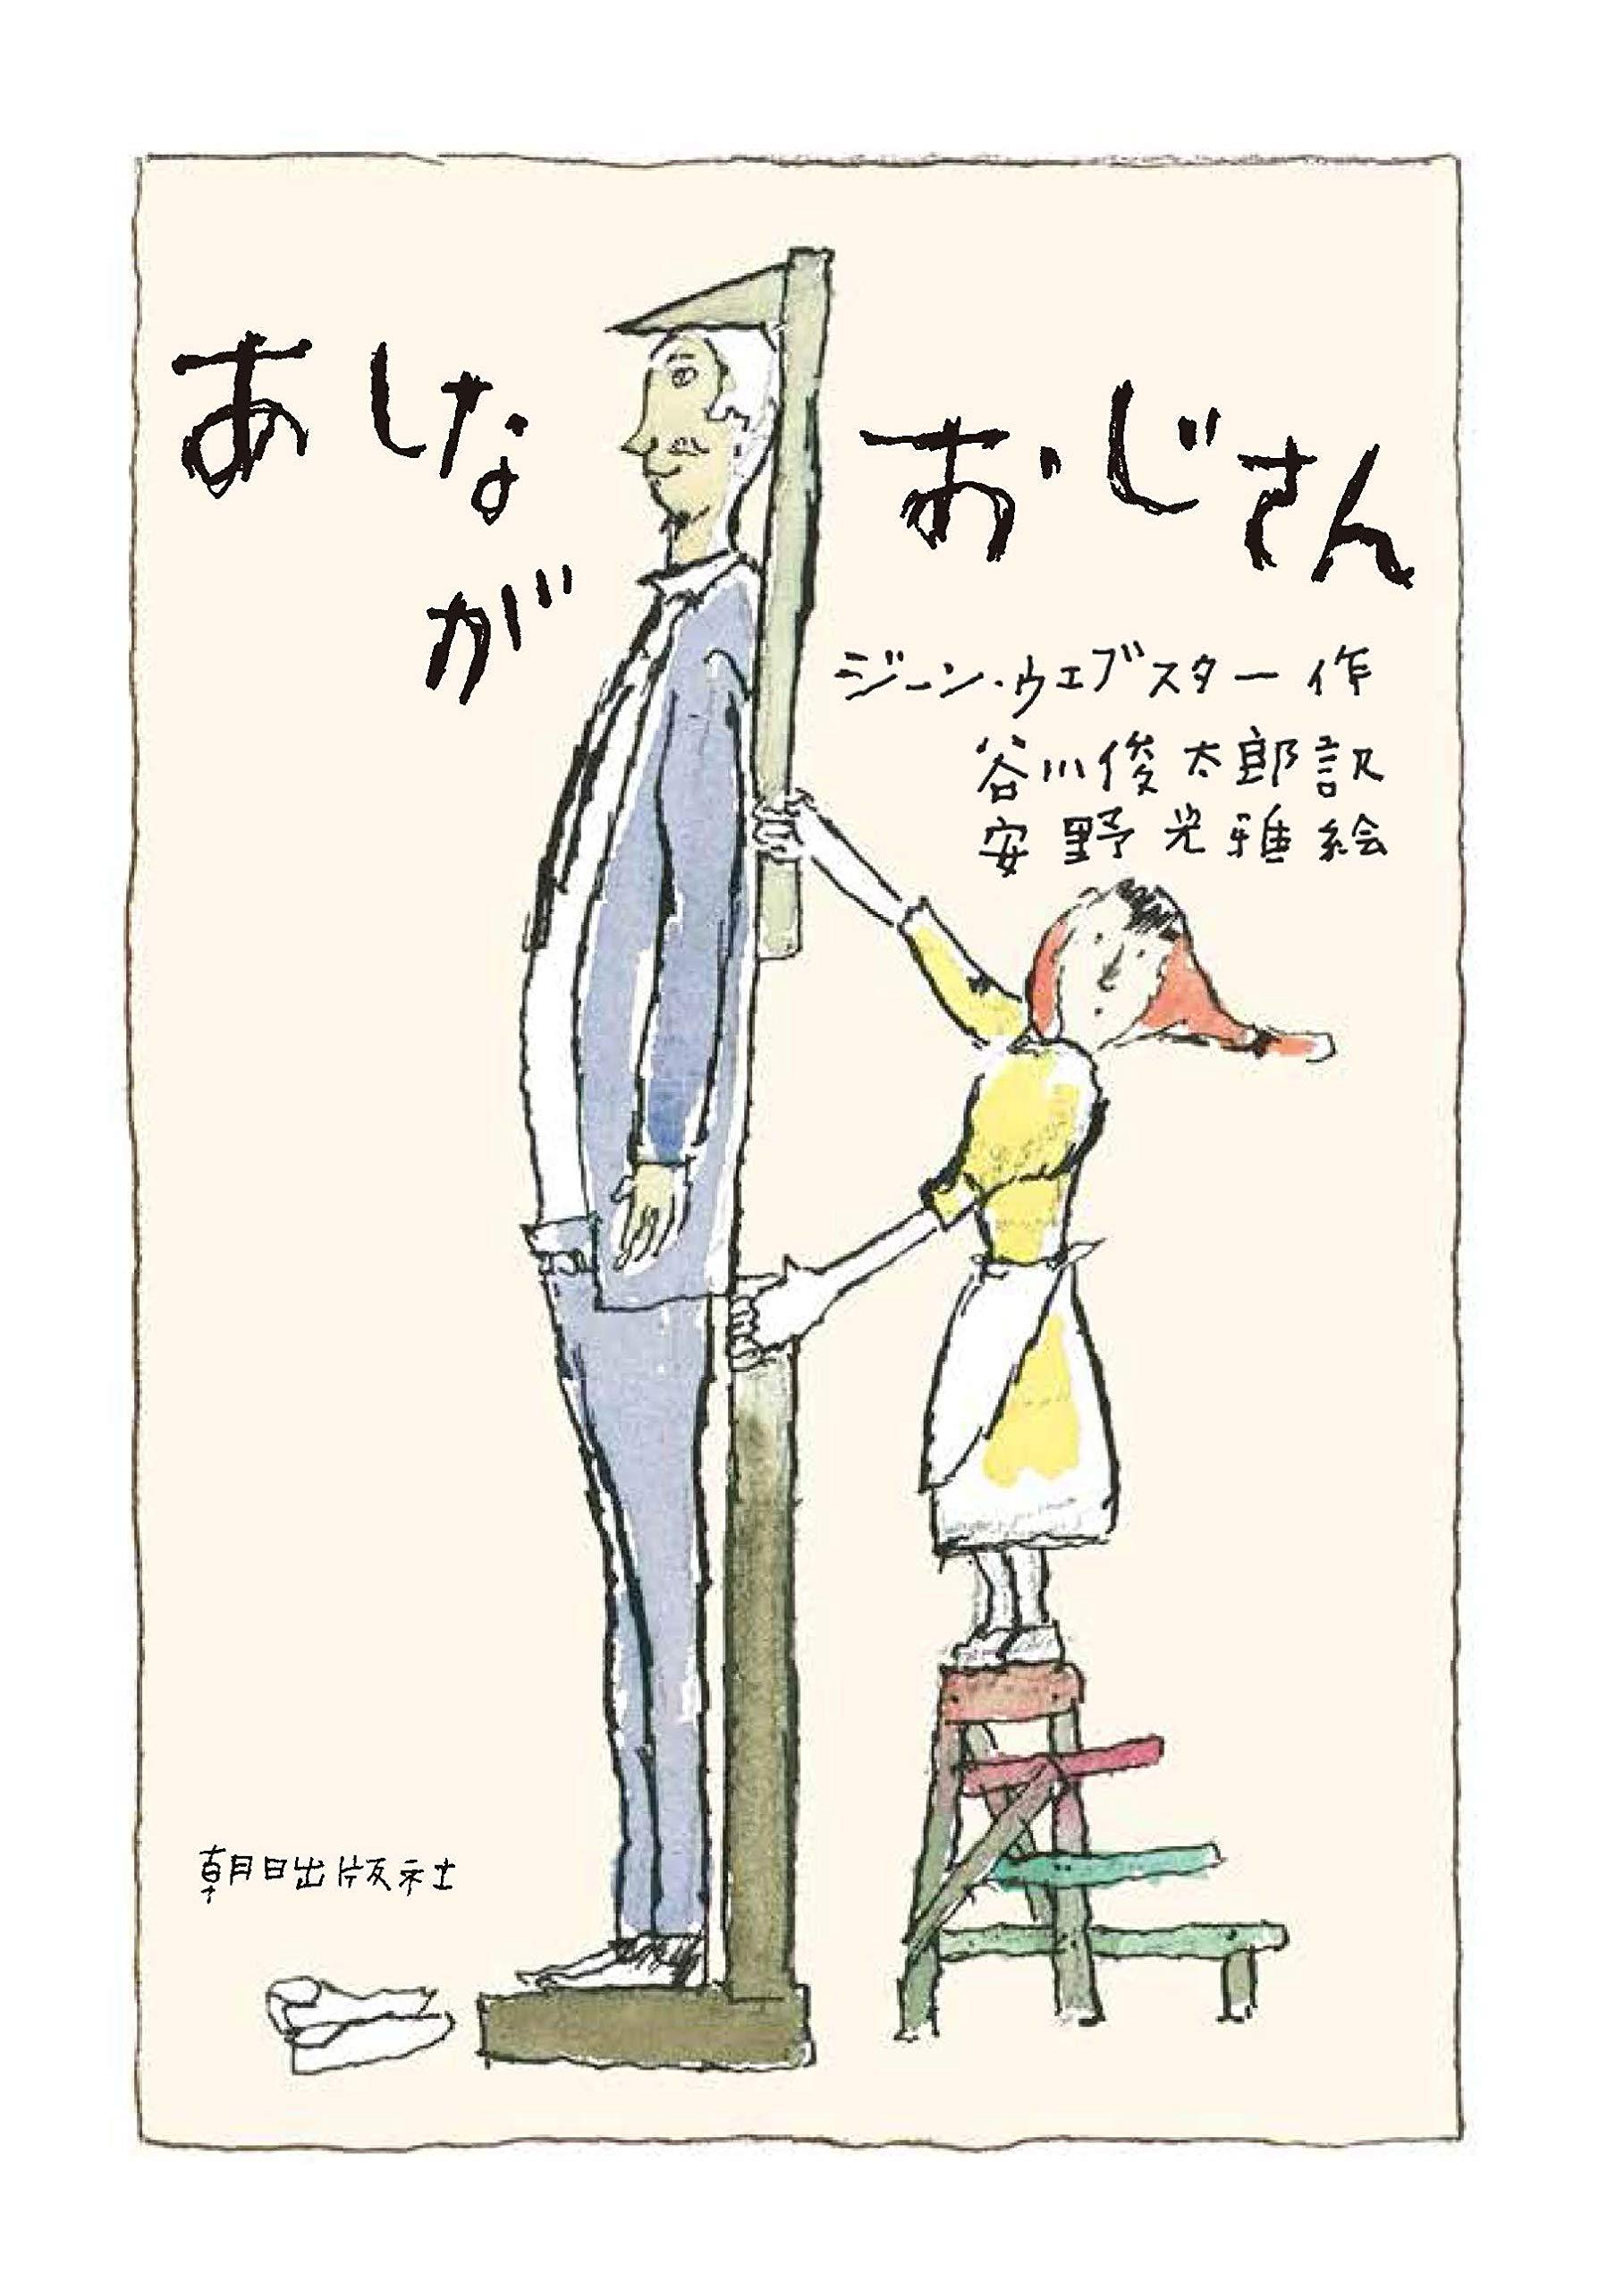 あしながおじさん( 安野光雅  谷川俊太郎)